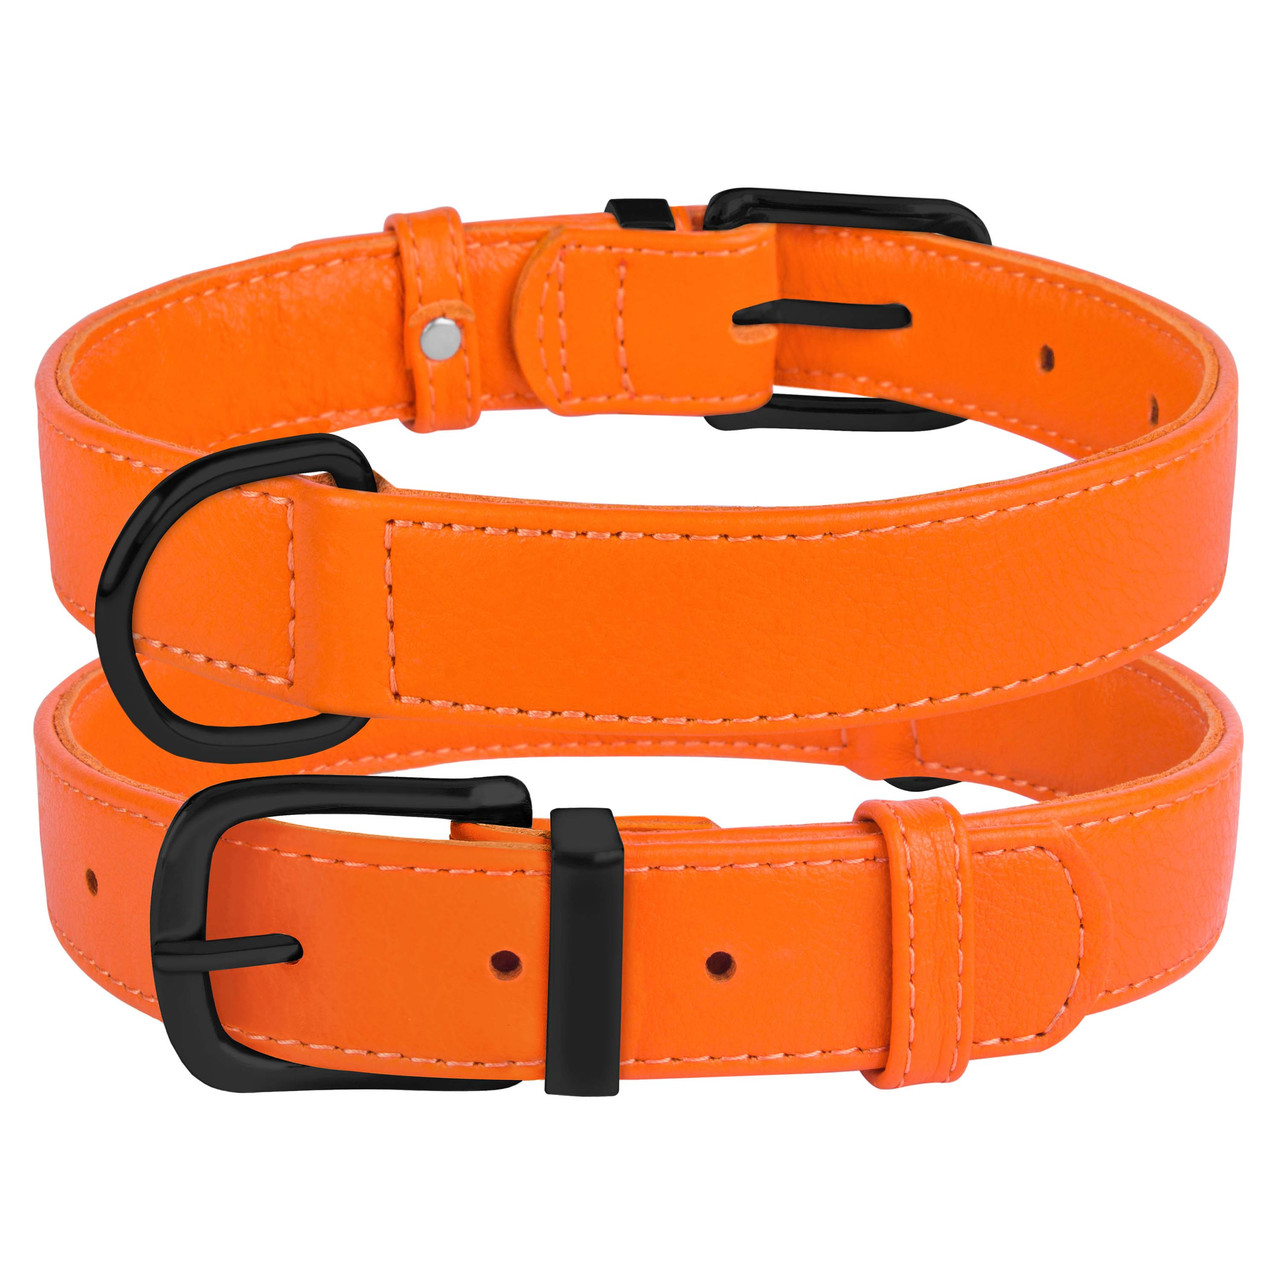 Ошейник для собак кожаный BronzeDog Premium без украшений оранжевый S